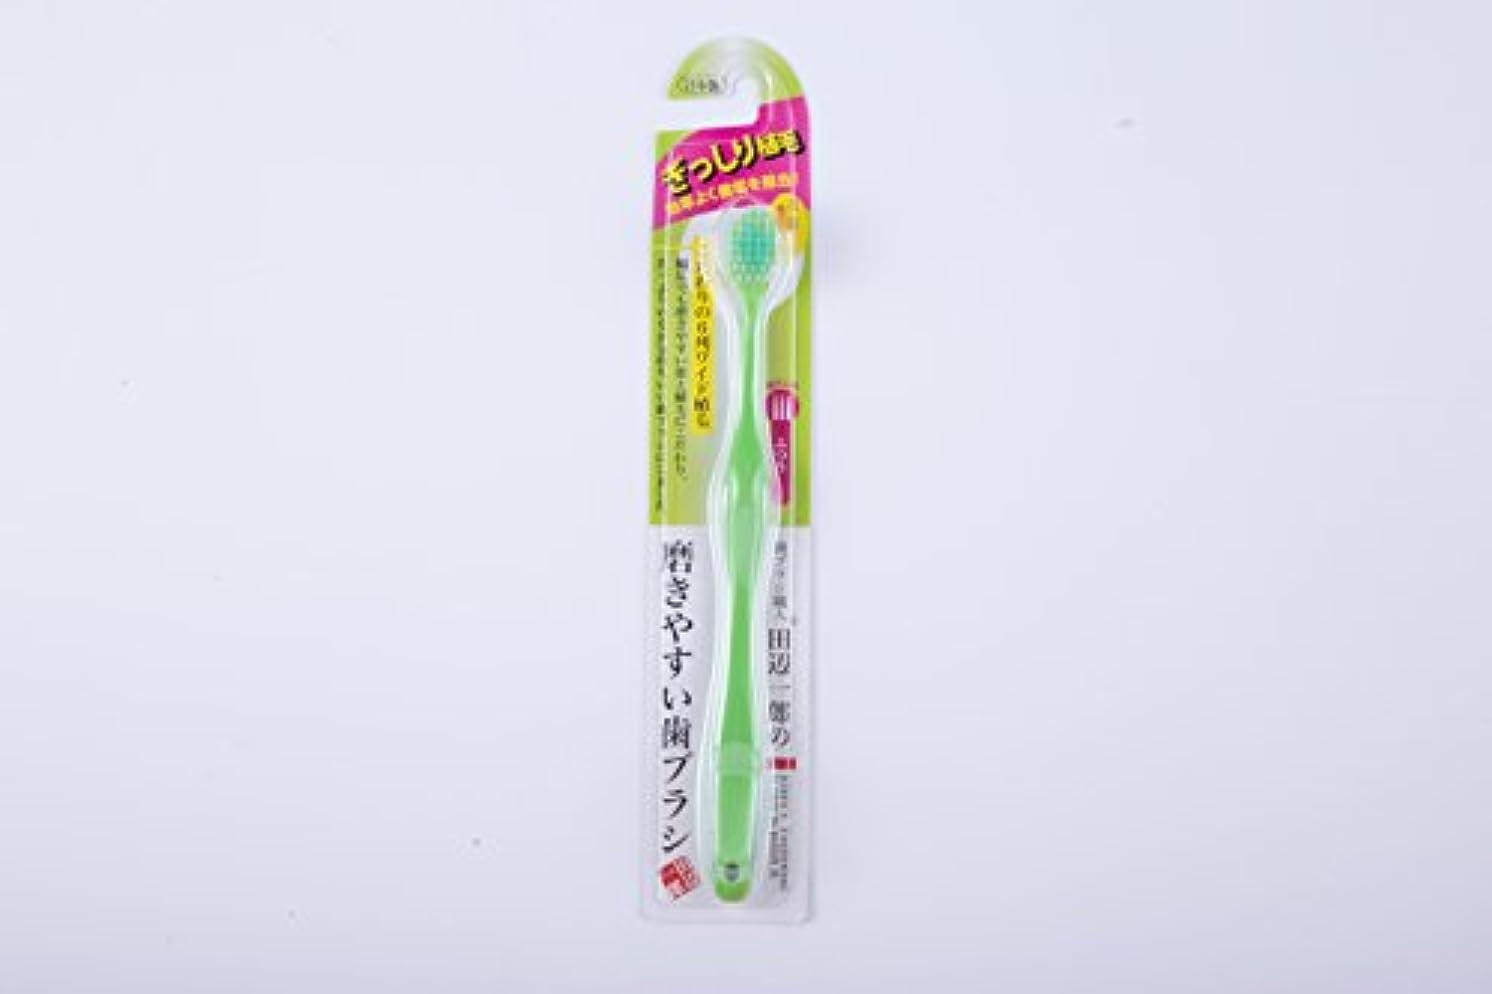 危険なピルあたたかいライフレンジ 磨きやすい歯ブラシ ワイド ふつう 1本